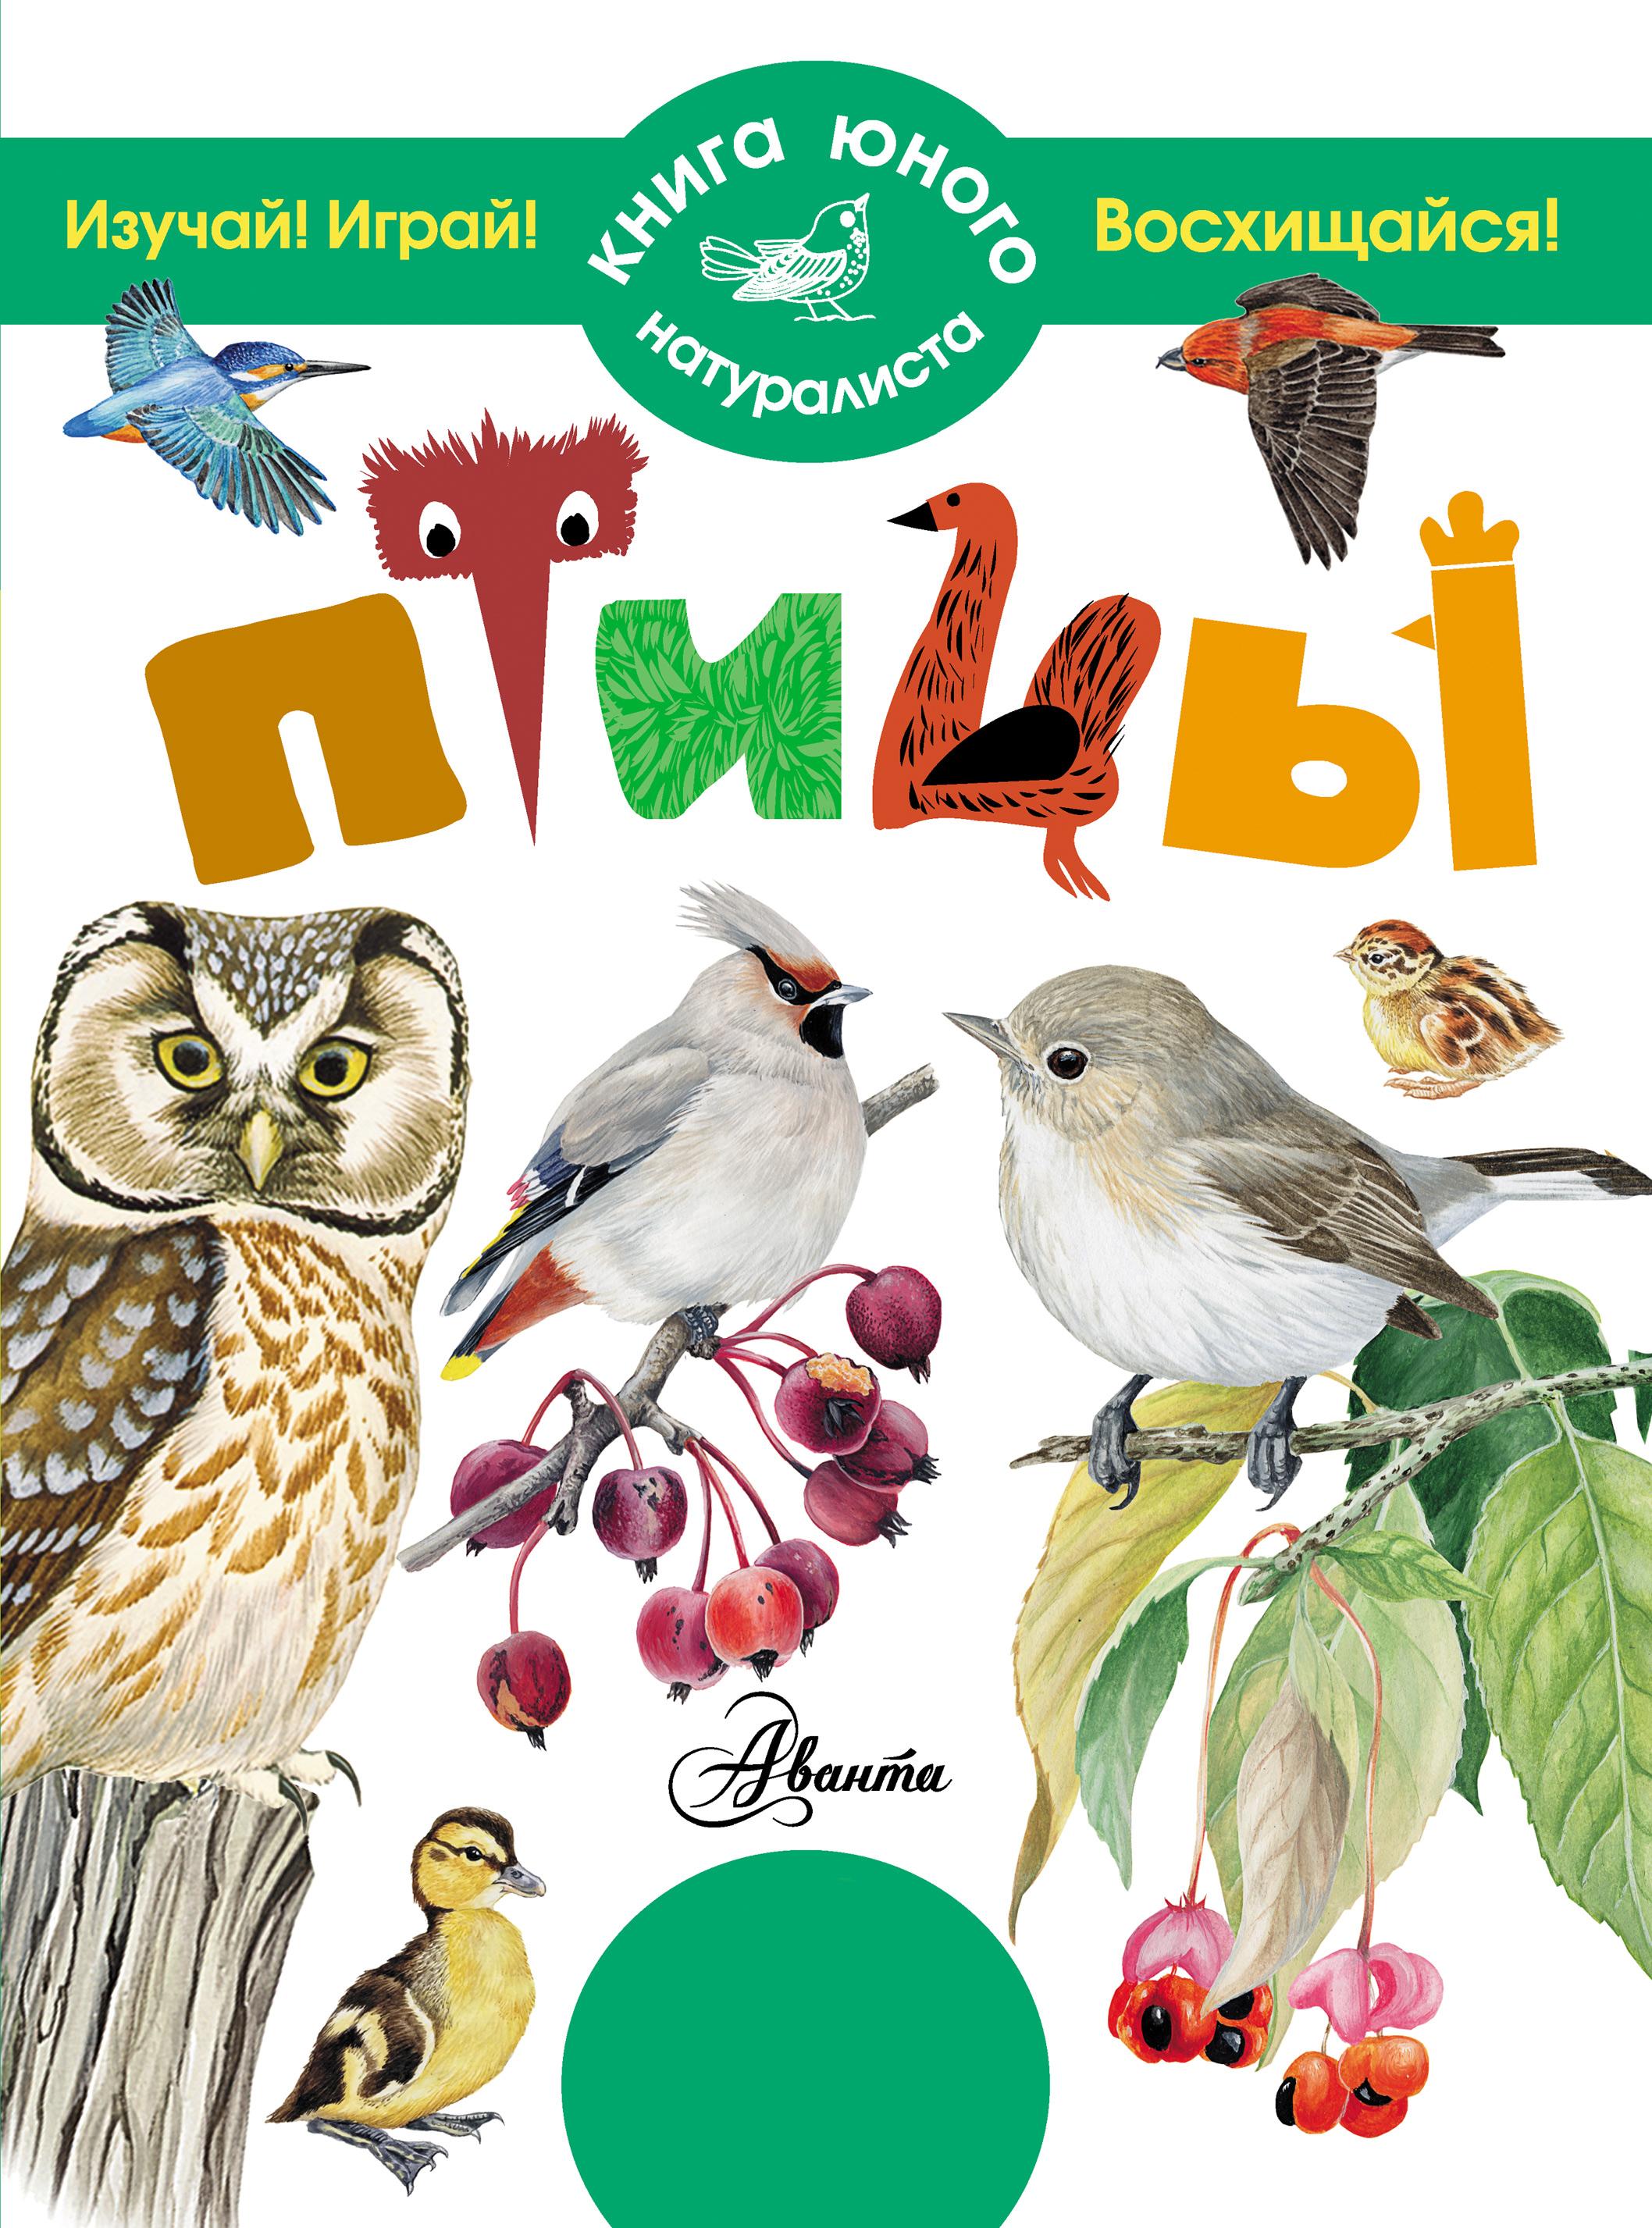 П. М. Волцит Птицы отсутствует птицы 60 птиц которых должен знать каждый